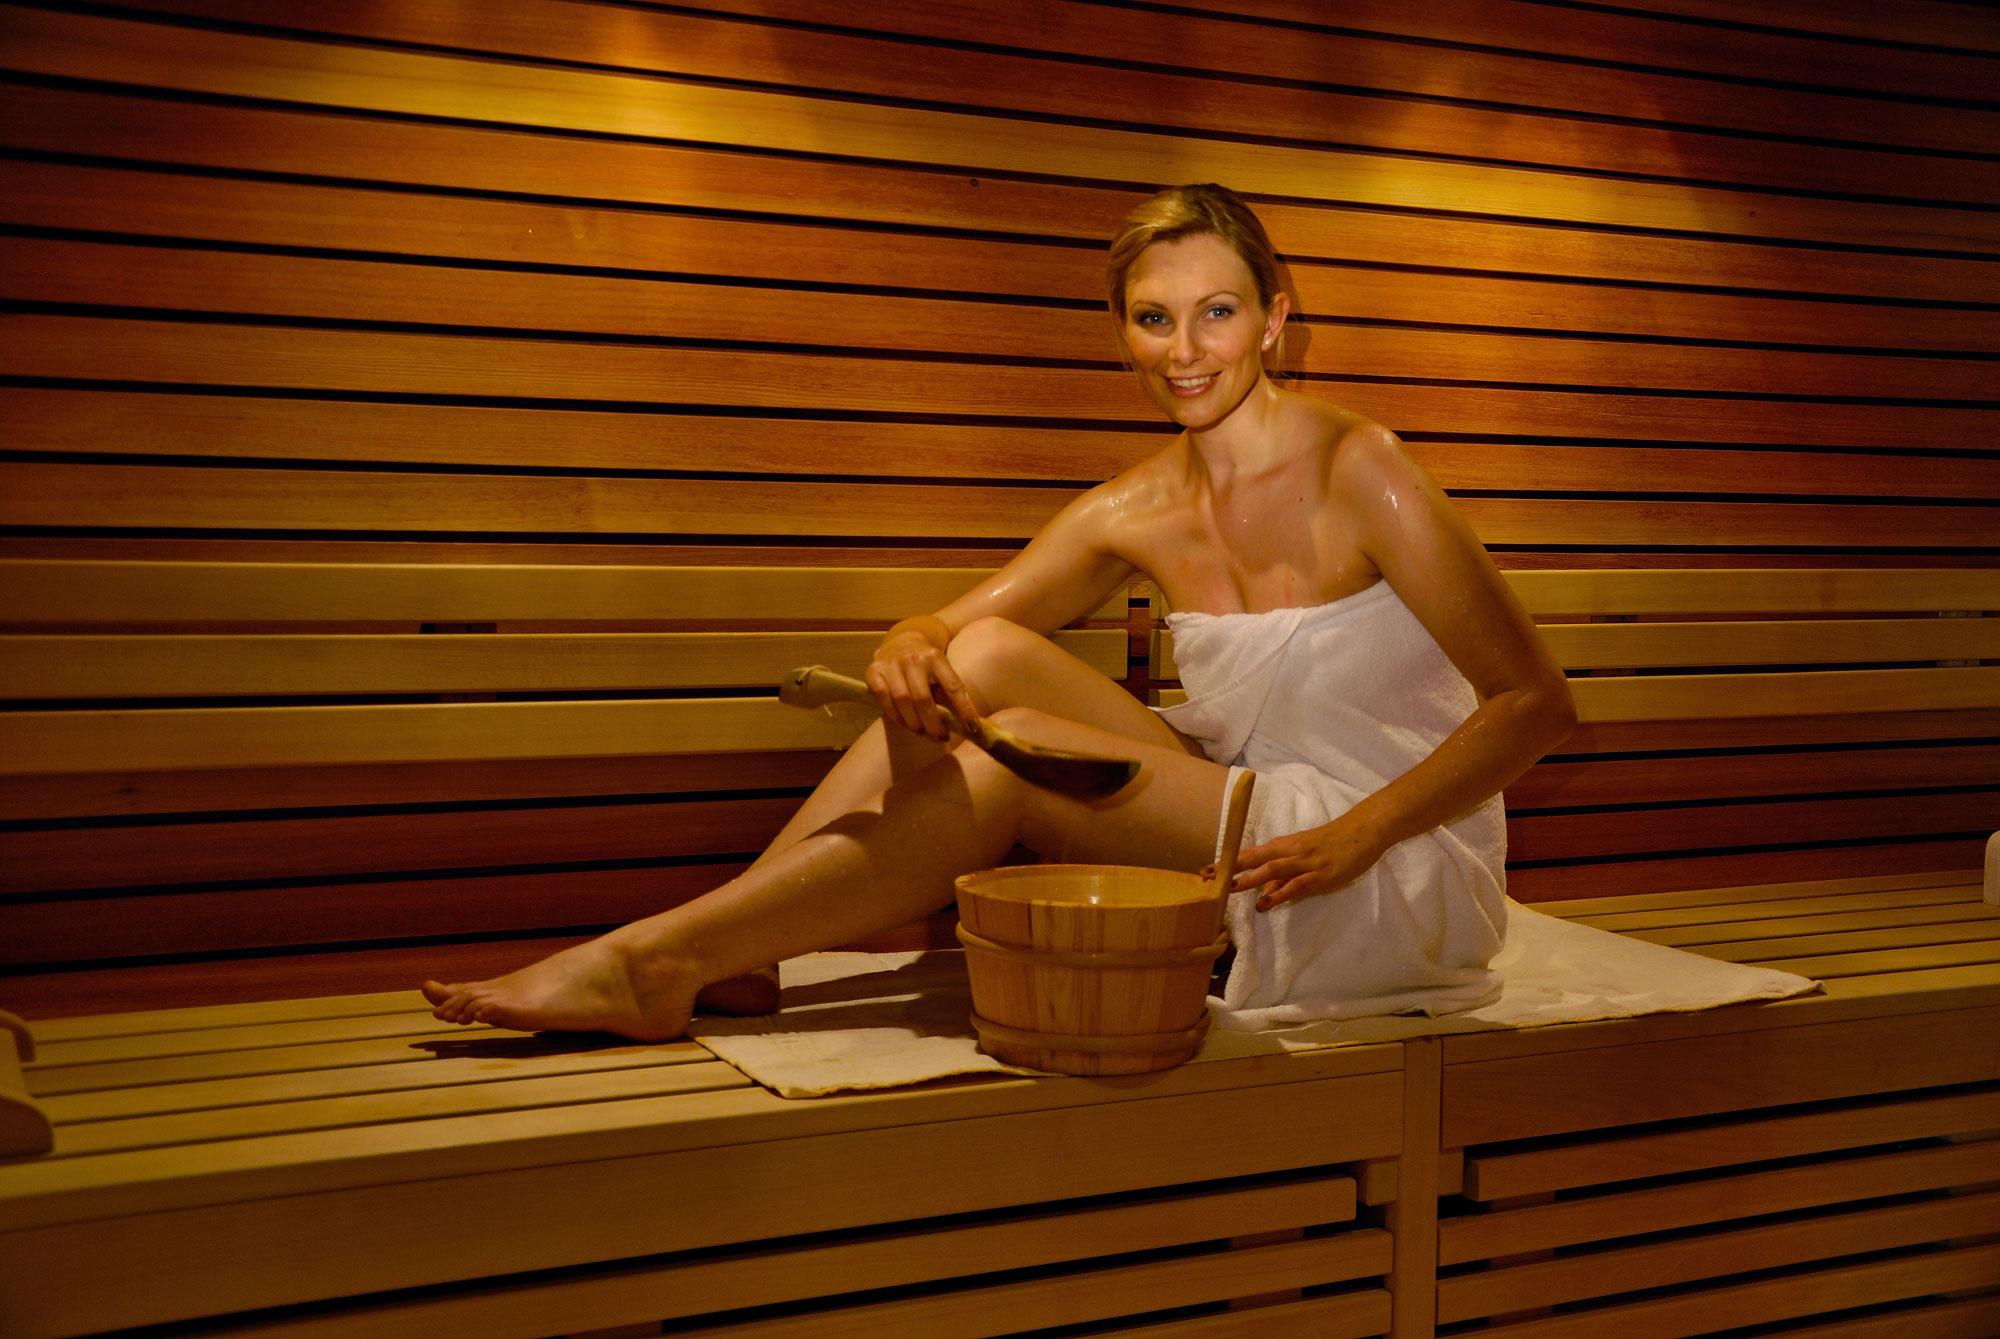 saunaregeln die h ufigsten fehler beim saunieren. Black Bedroom Furniture Sets. Home Design Ideas